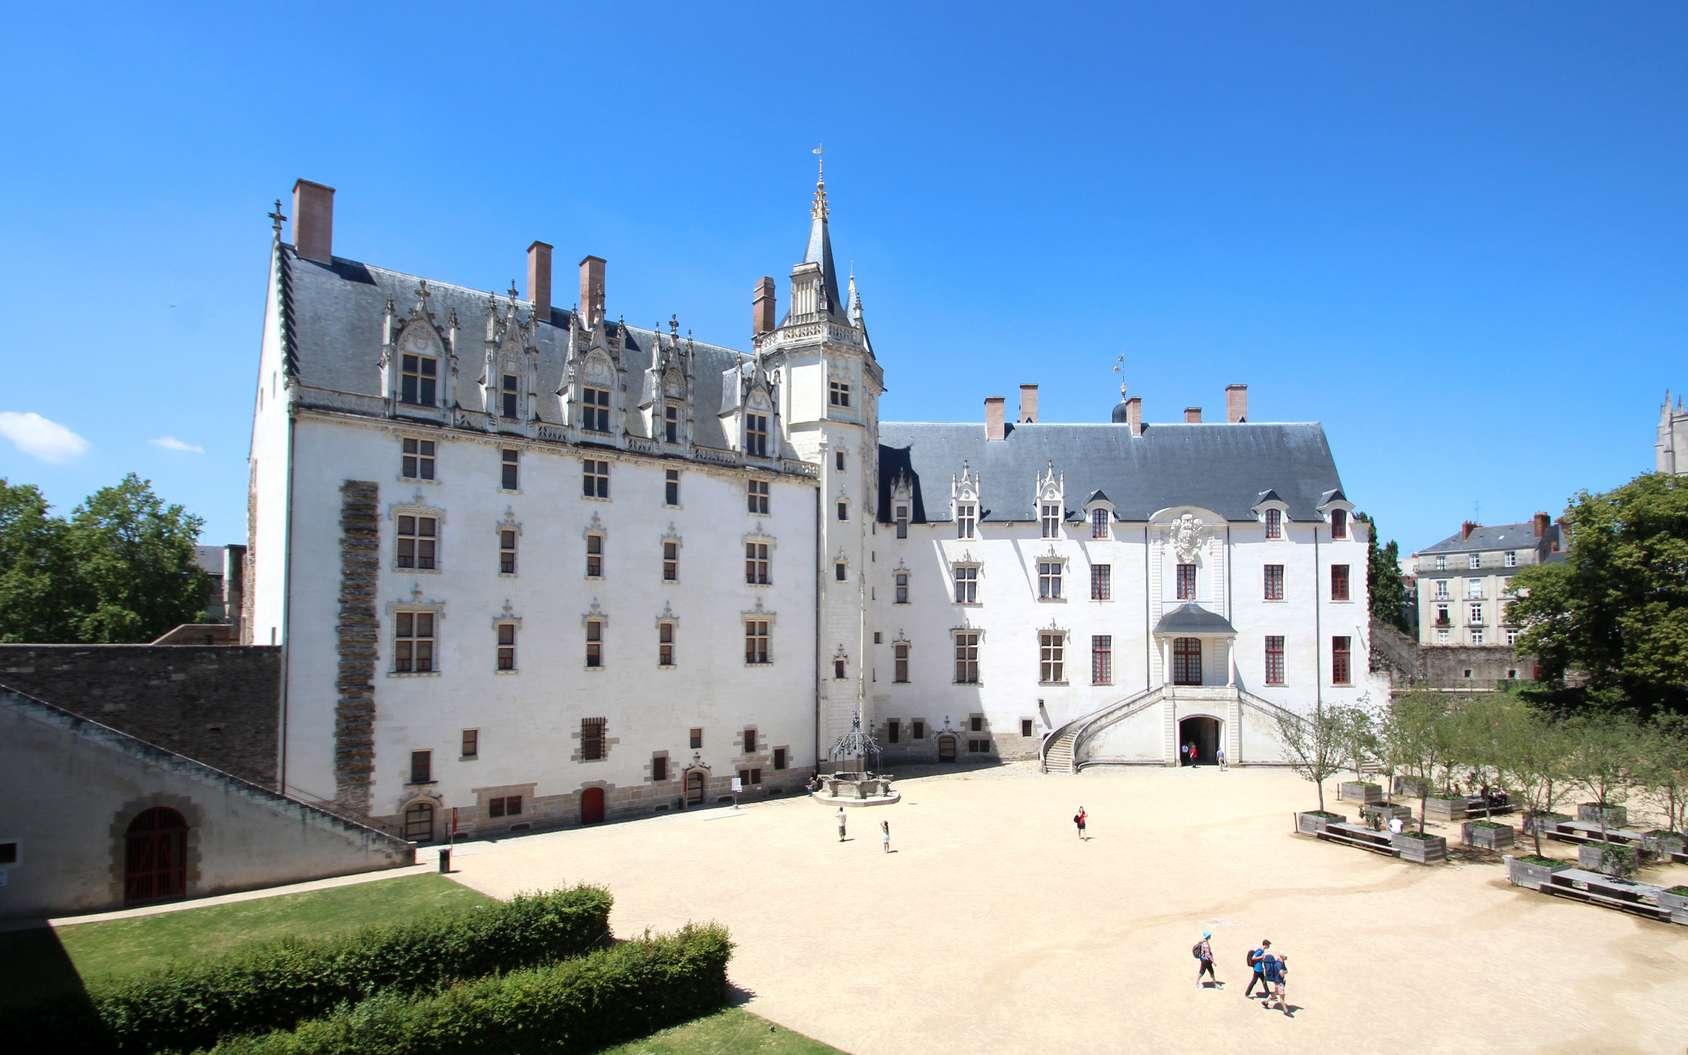 Une des entrées du château des Ducs de Bretagne à Nantes © Brad Pict, fotolia